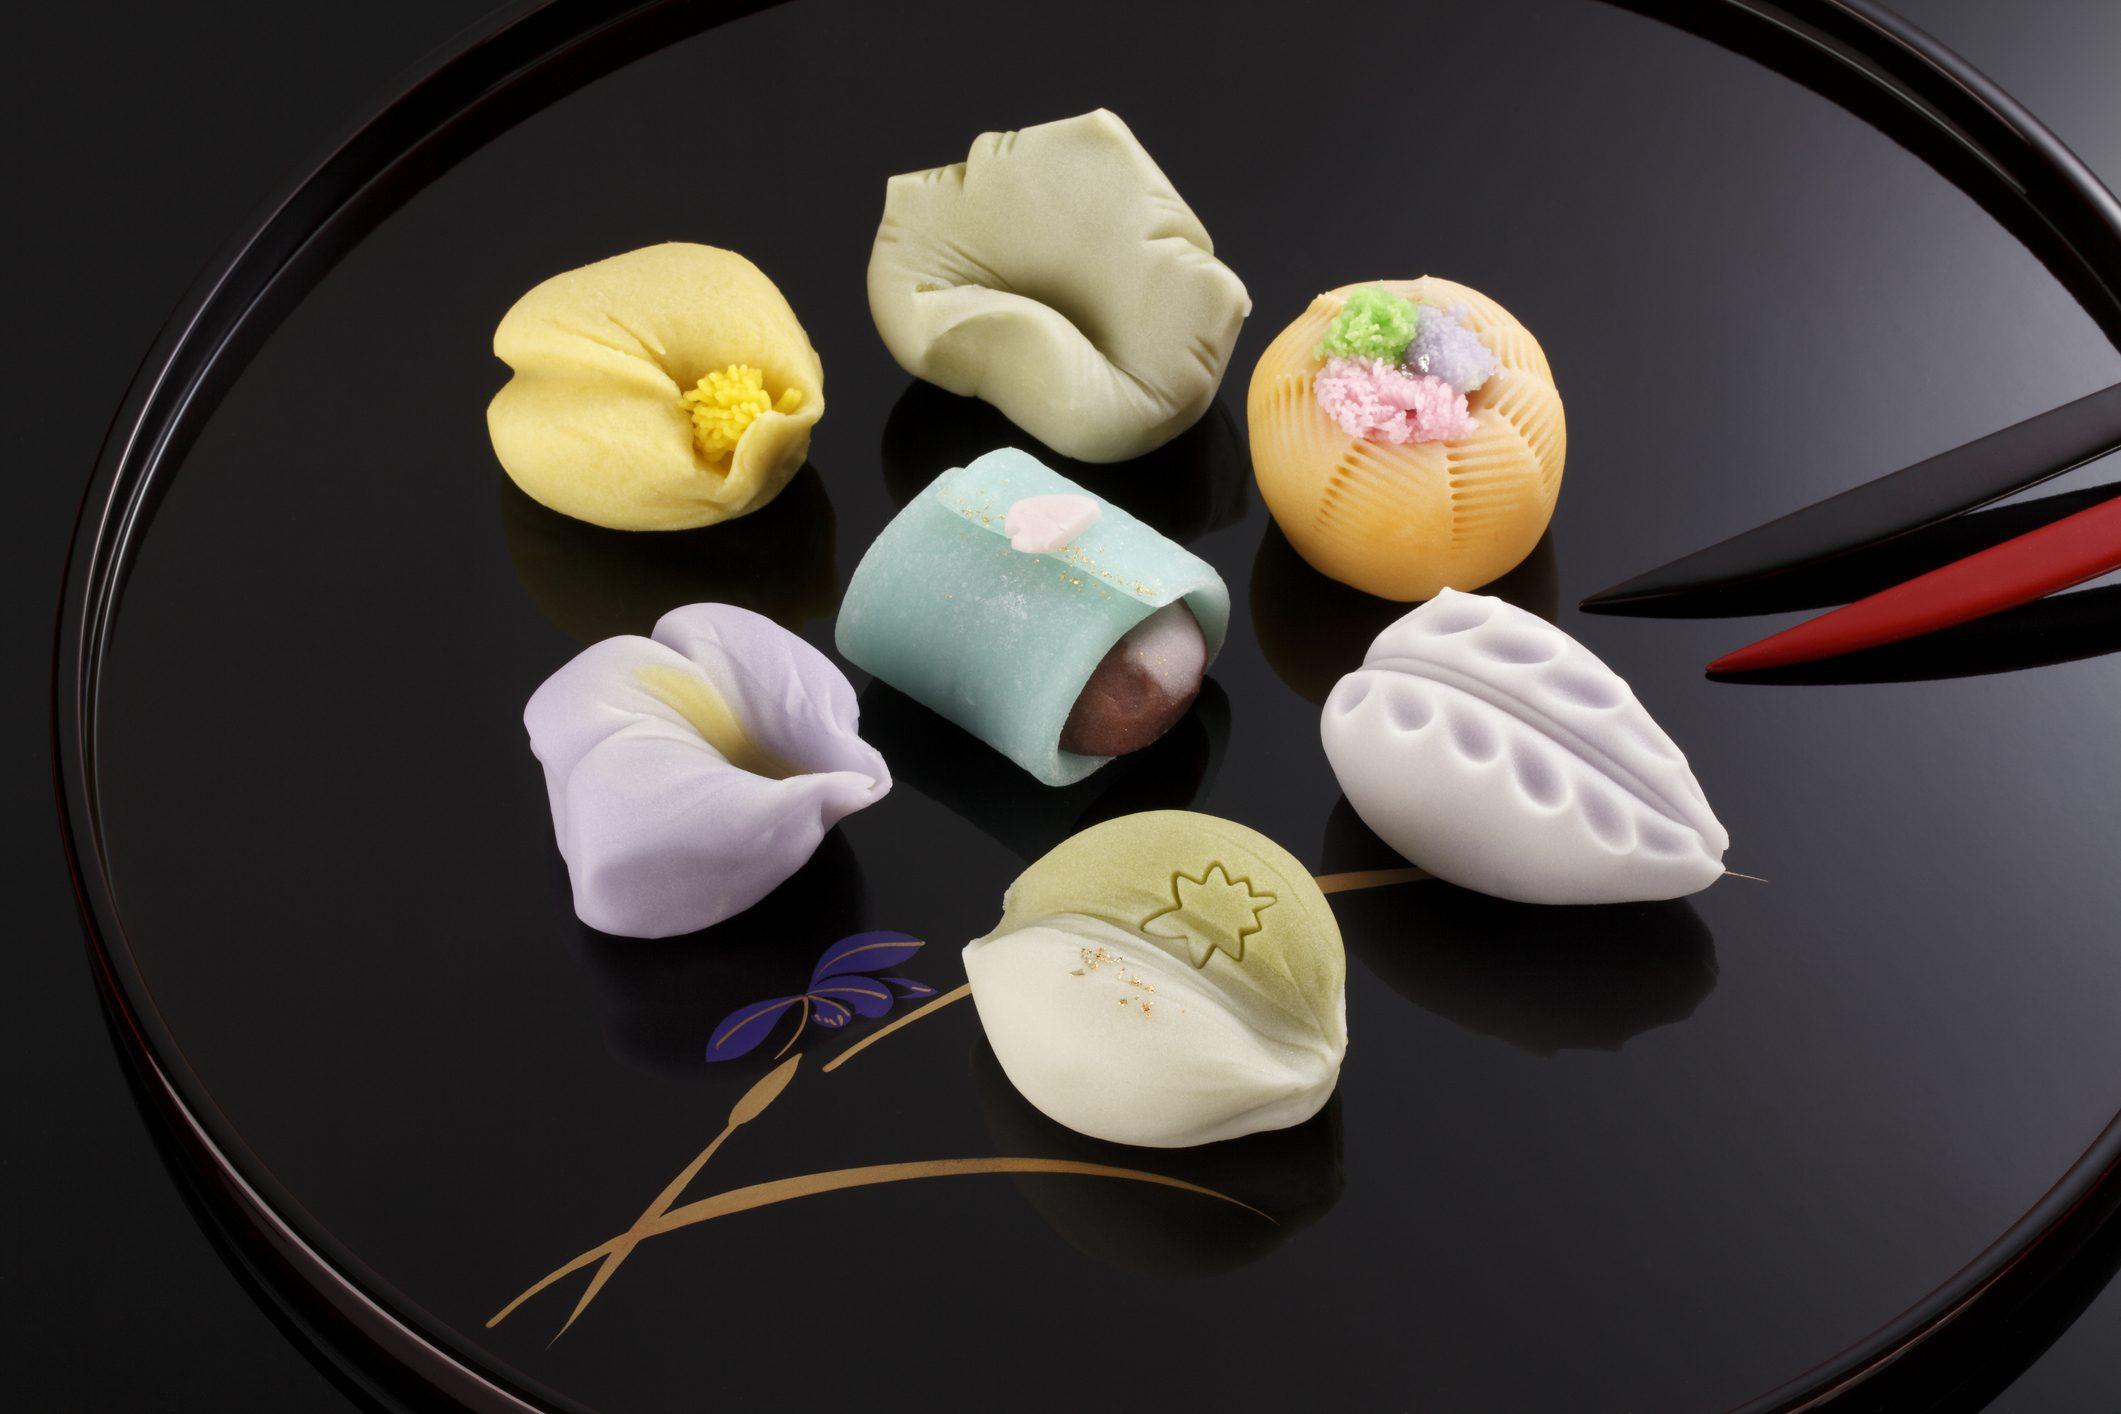 La pasticceria in Giappone: la cultura del Wagashi, la loro storia e i 12 dolci più buoni